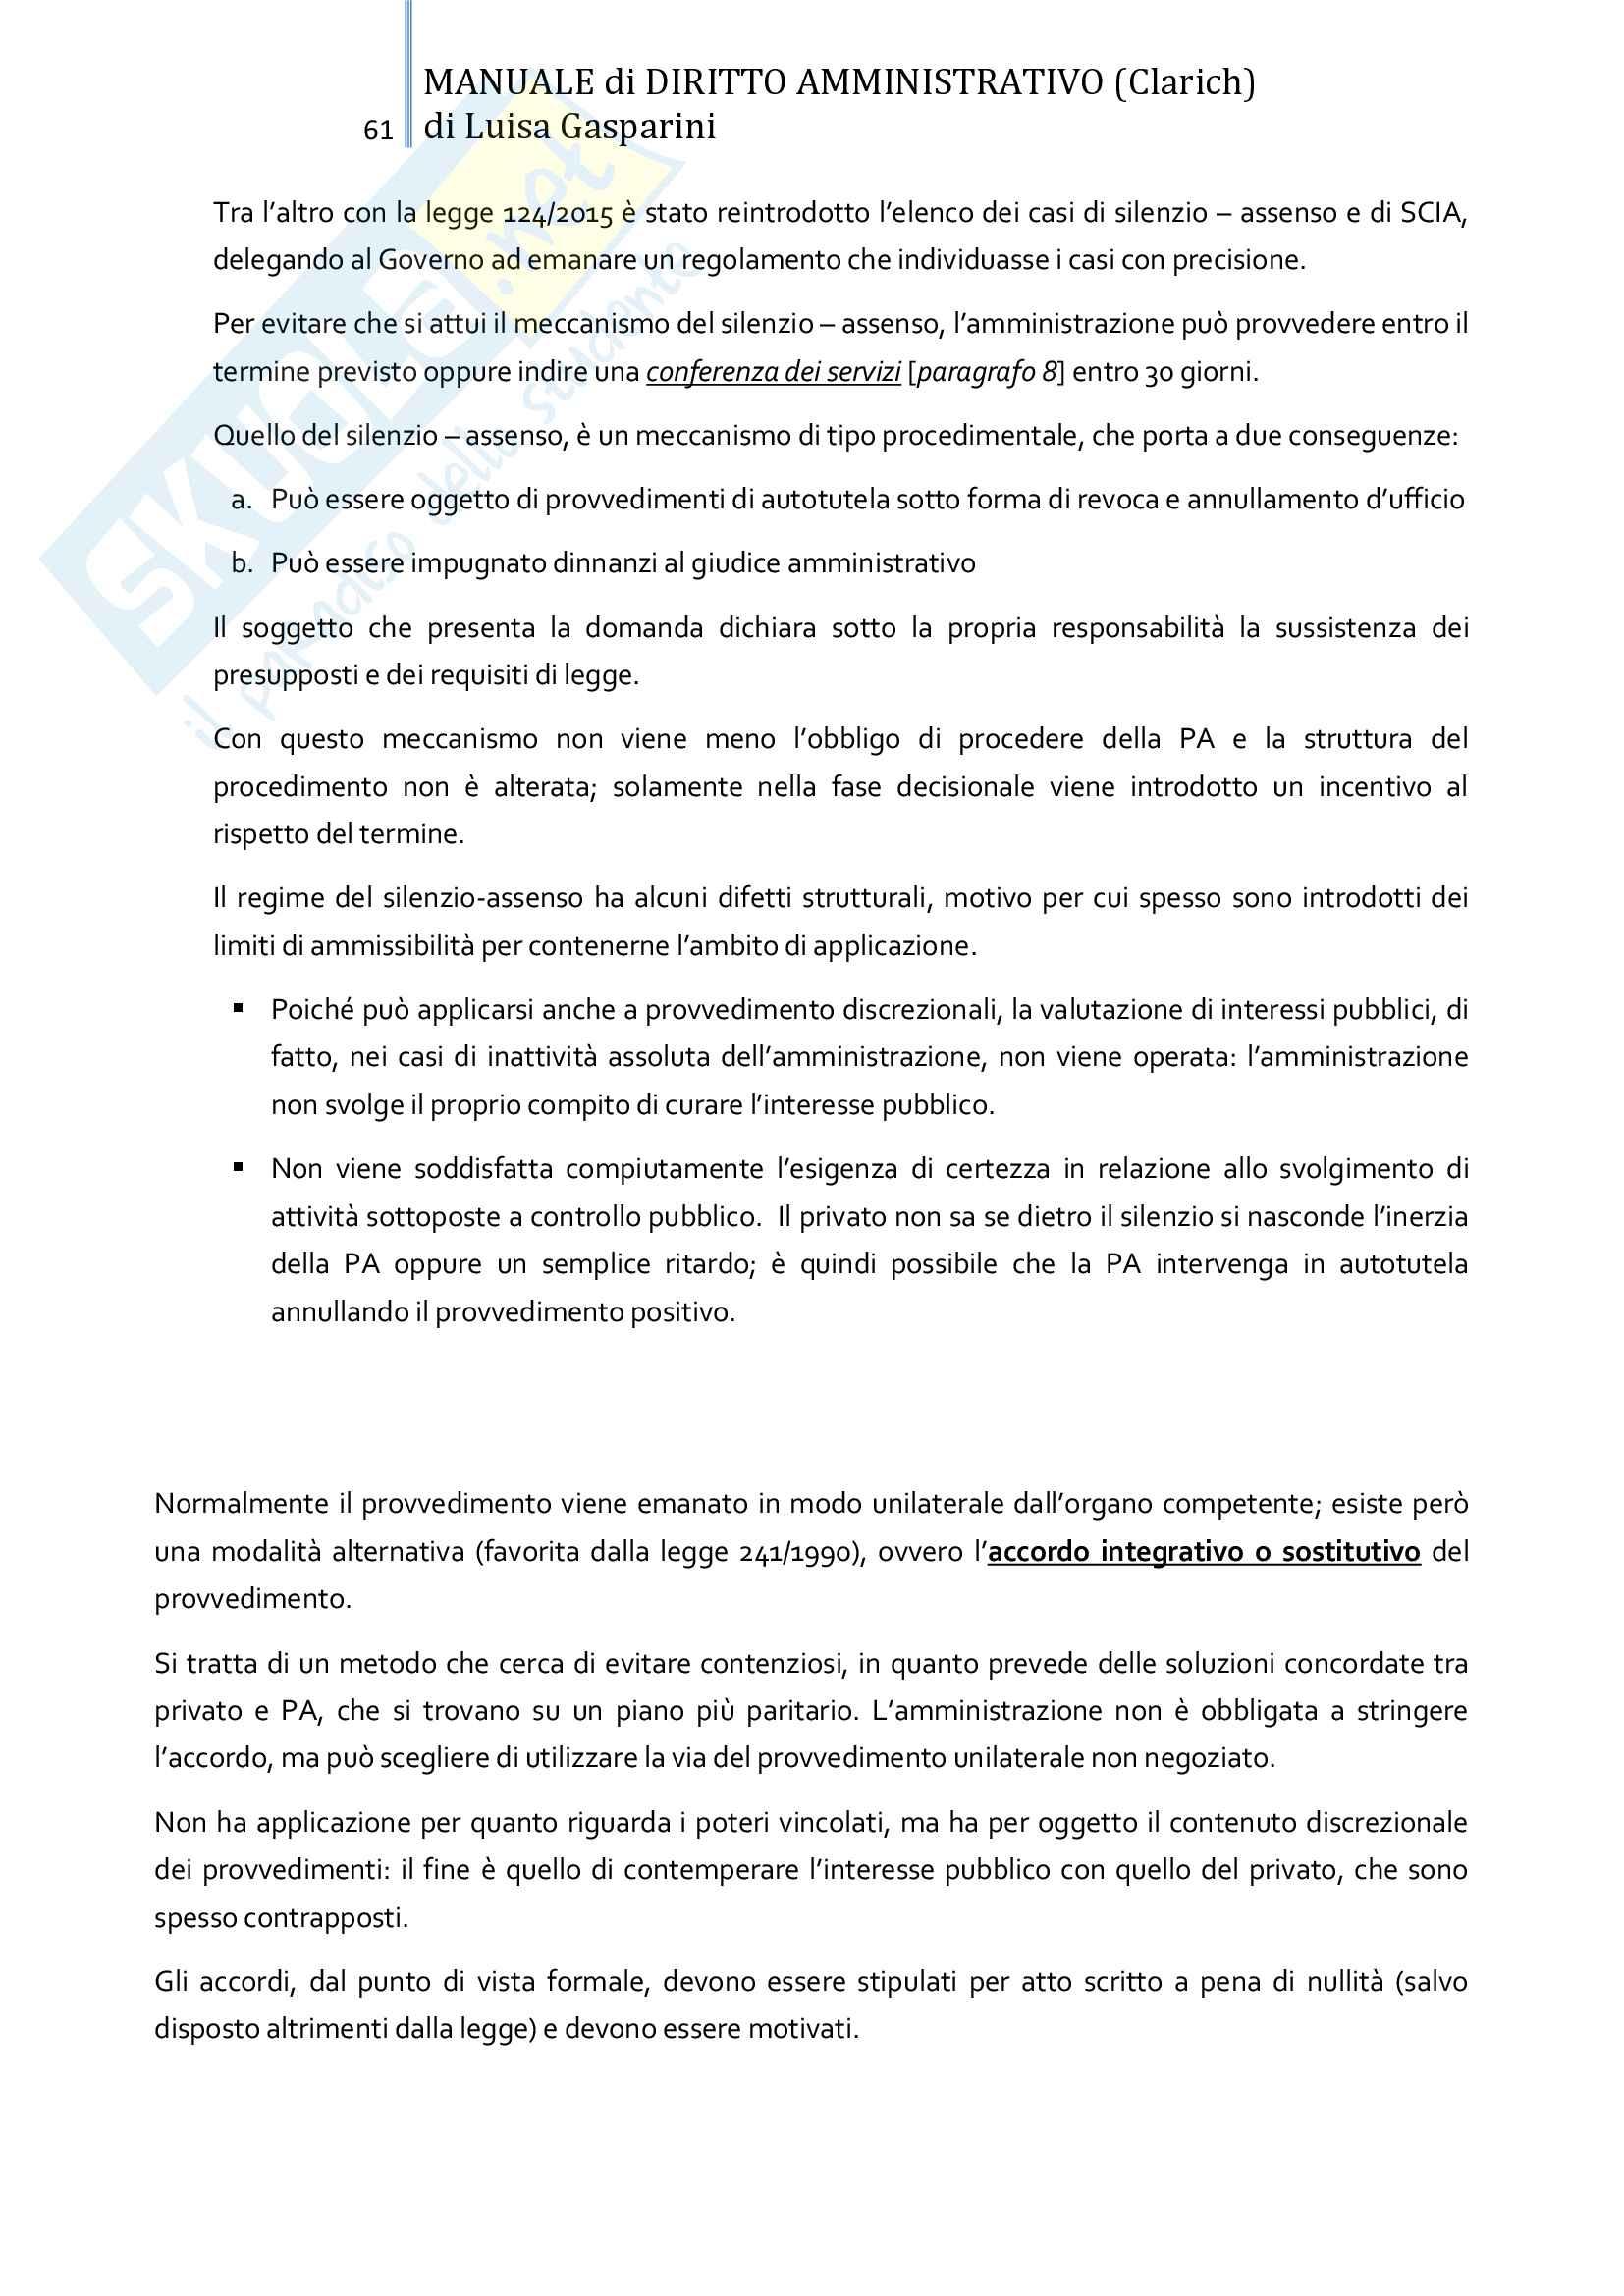 Riassunto esame Diritto amministrativo, professor Leonardi. Testo consigliato Manuale di Diritto Amministrativo, Clarich Pag. 61